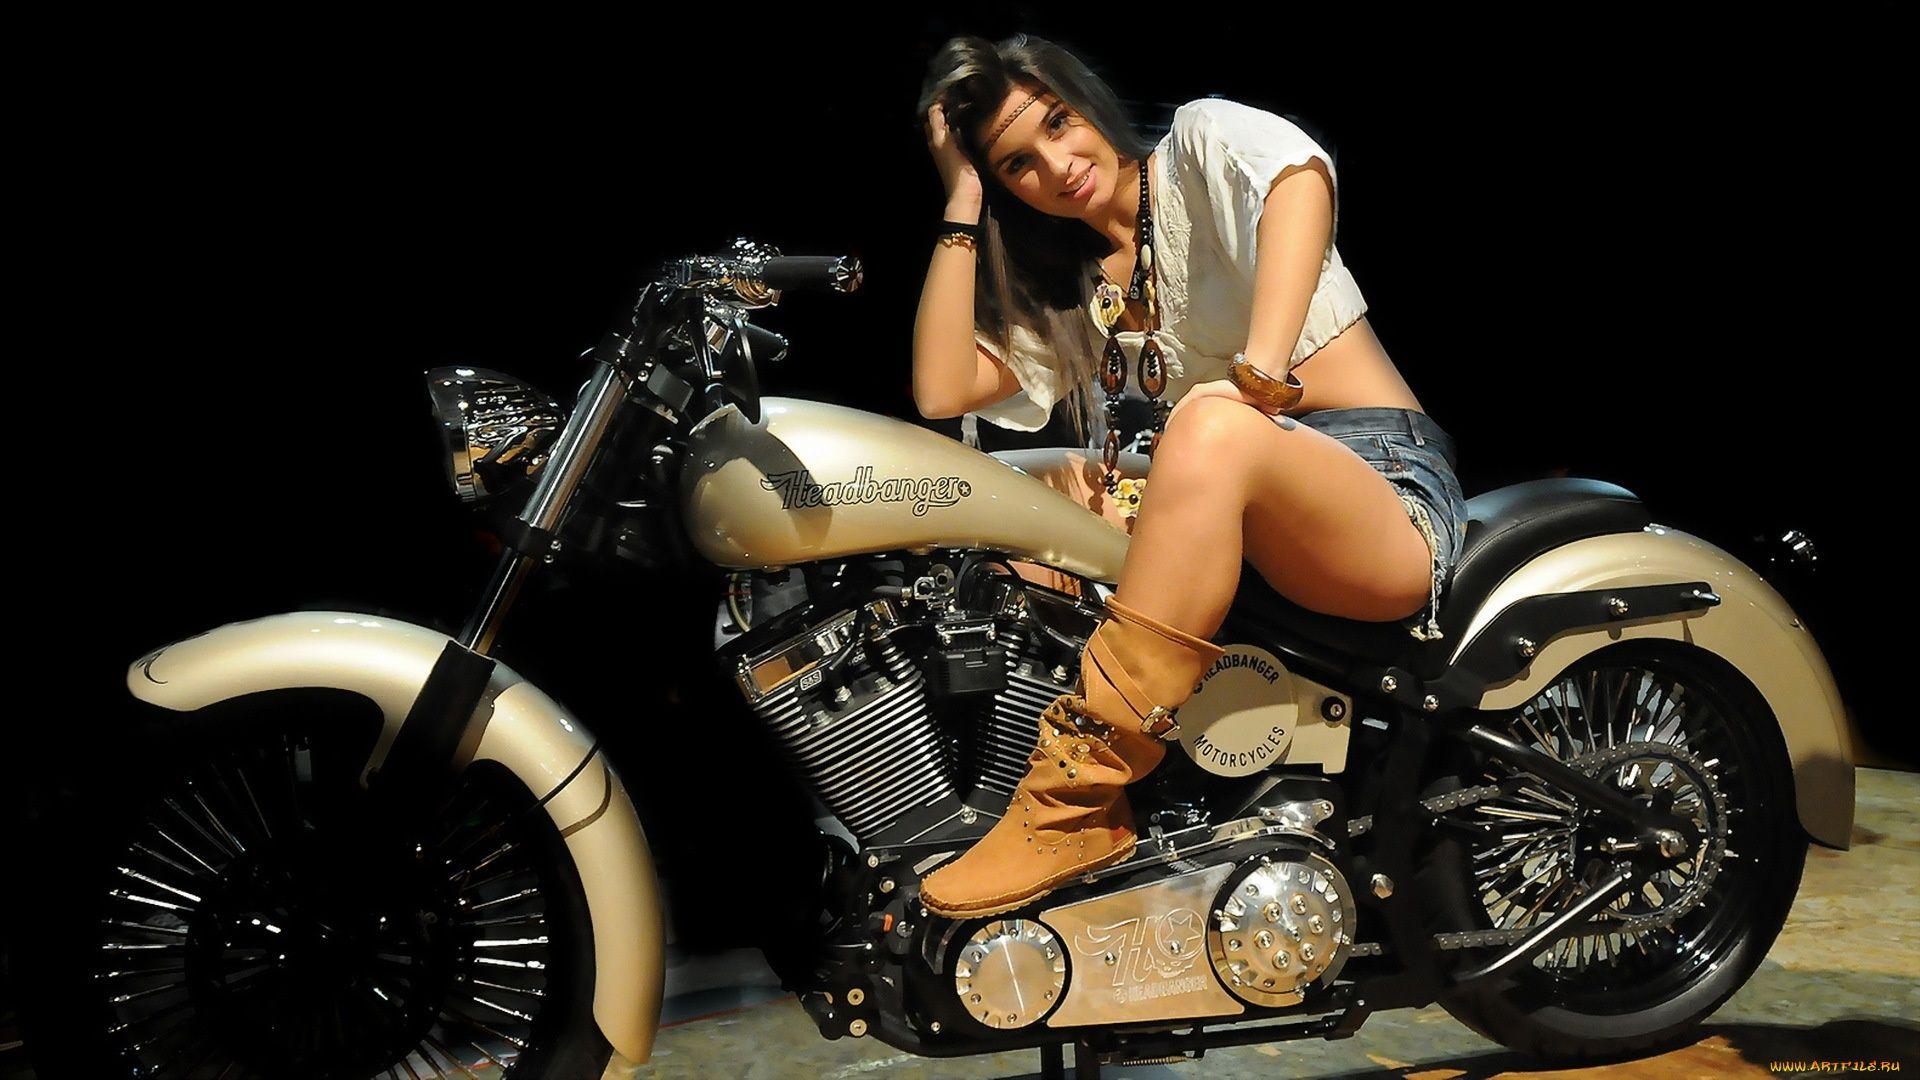 картинки мотоциклы с девушками: 21 тыс изображений найдено ...